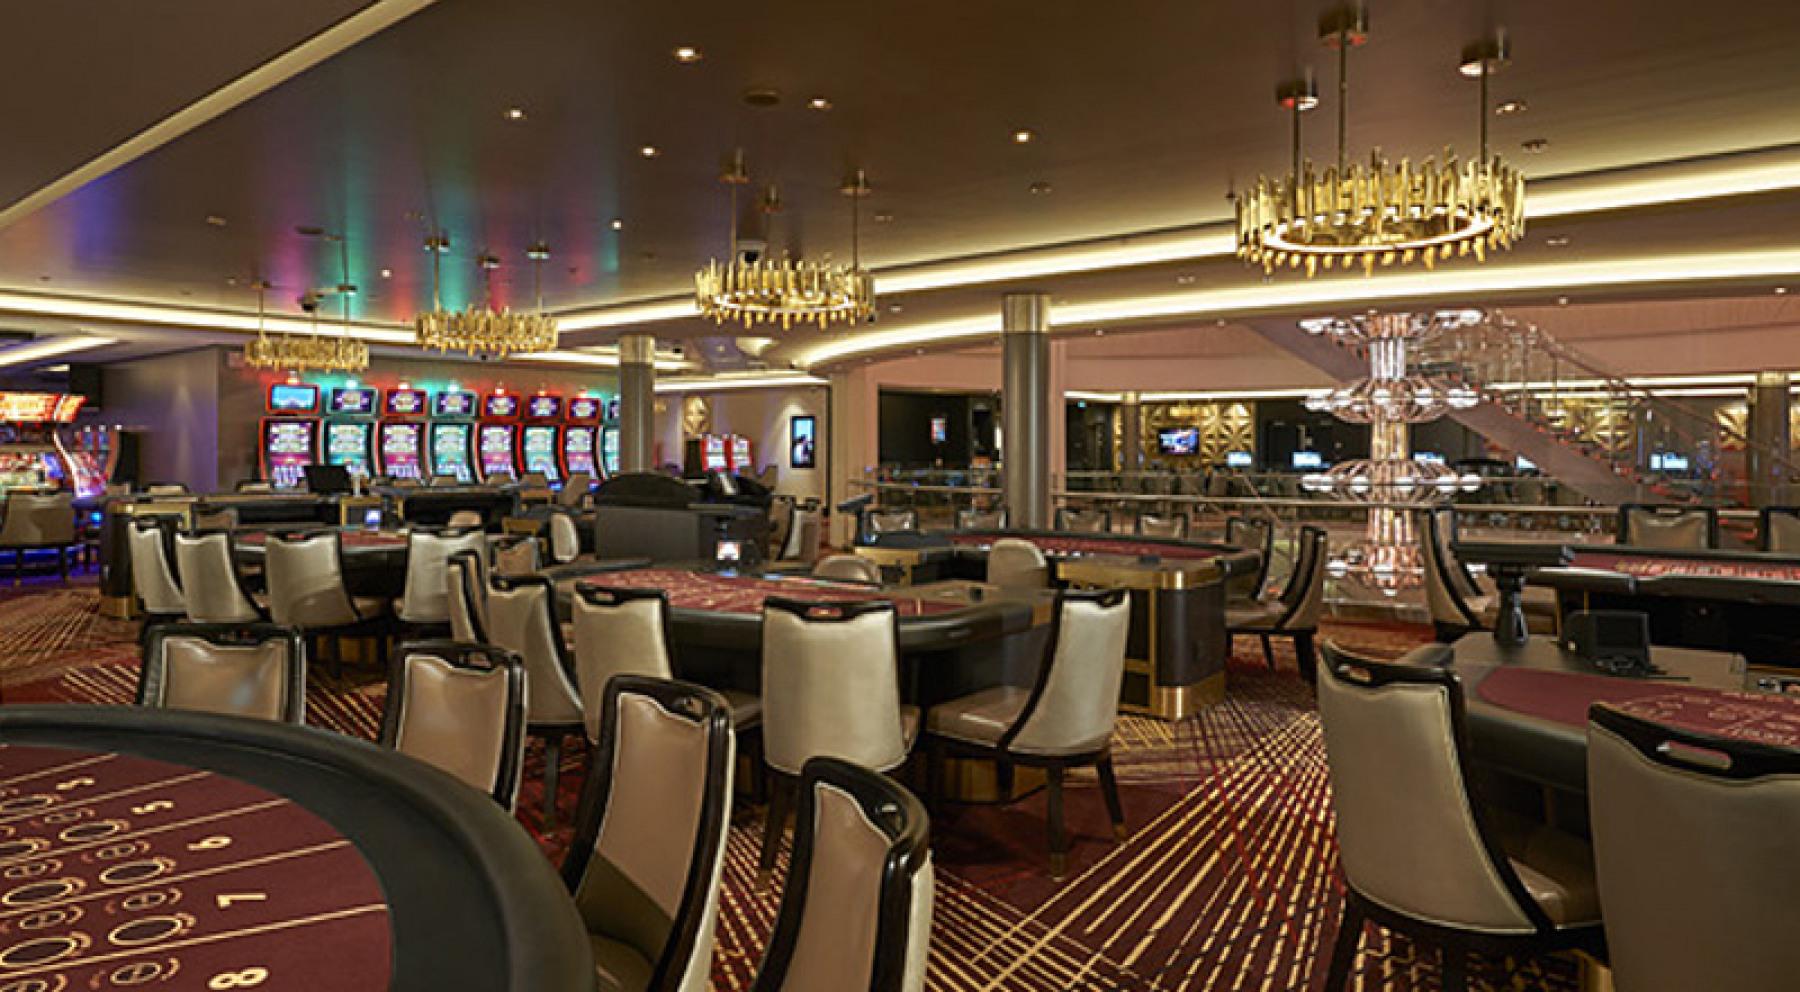 Norwegian Cruise Lines Norwegian Joy Interior Casino.jpg